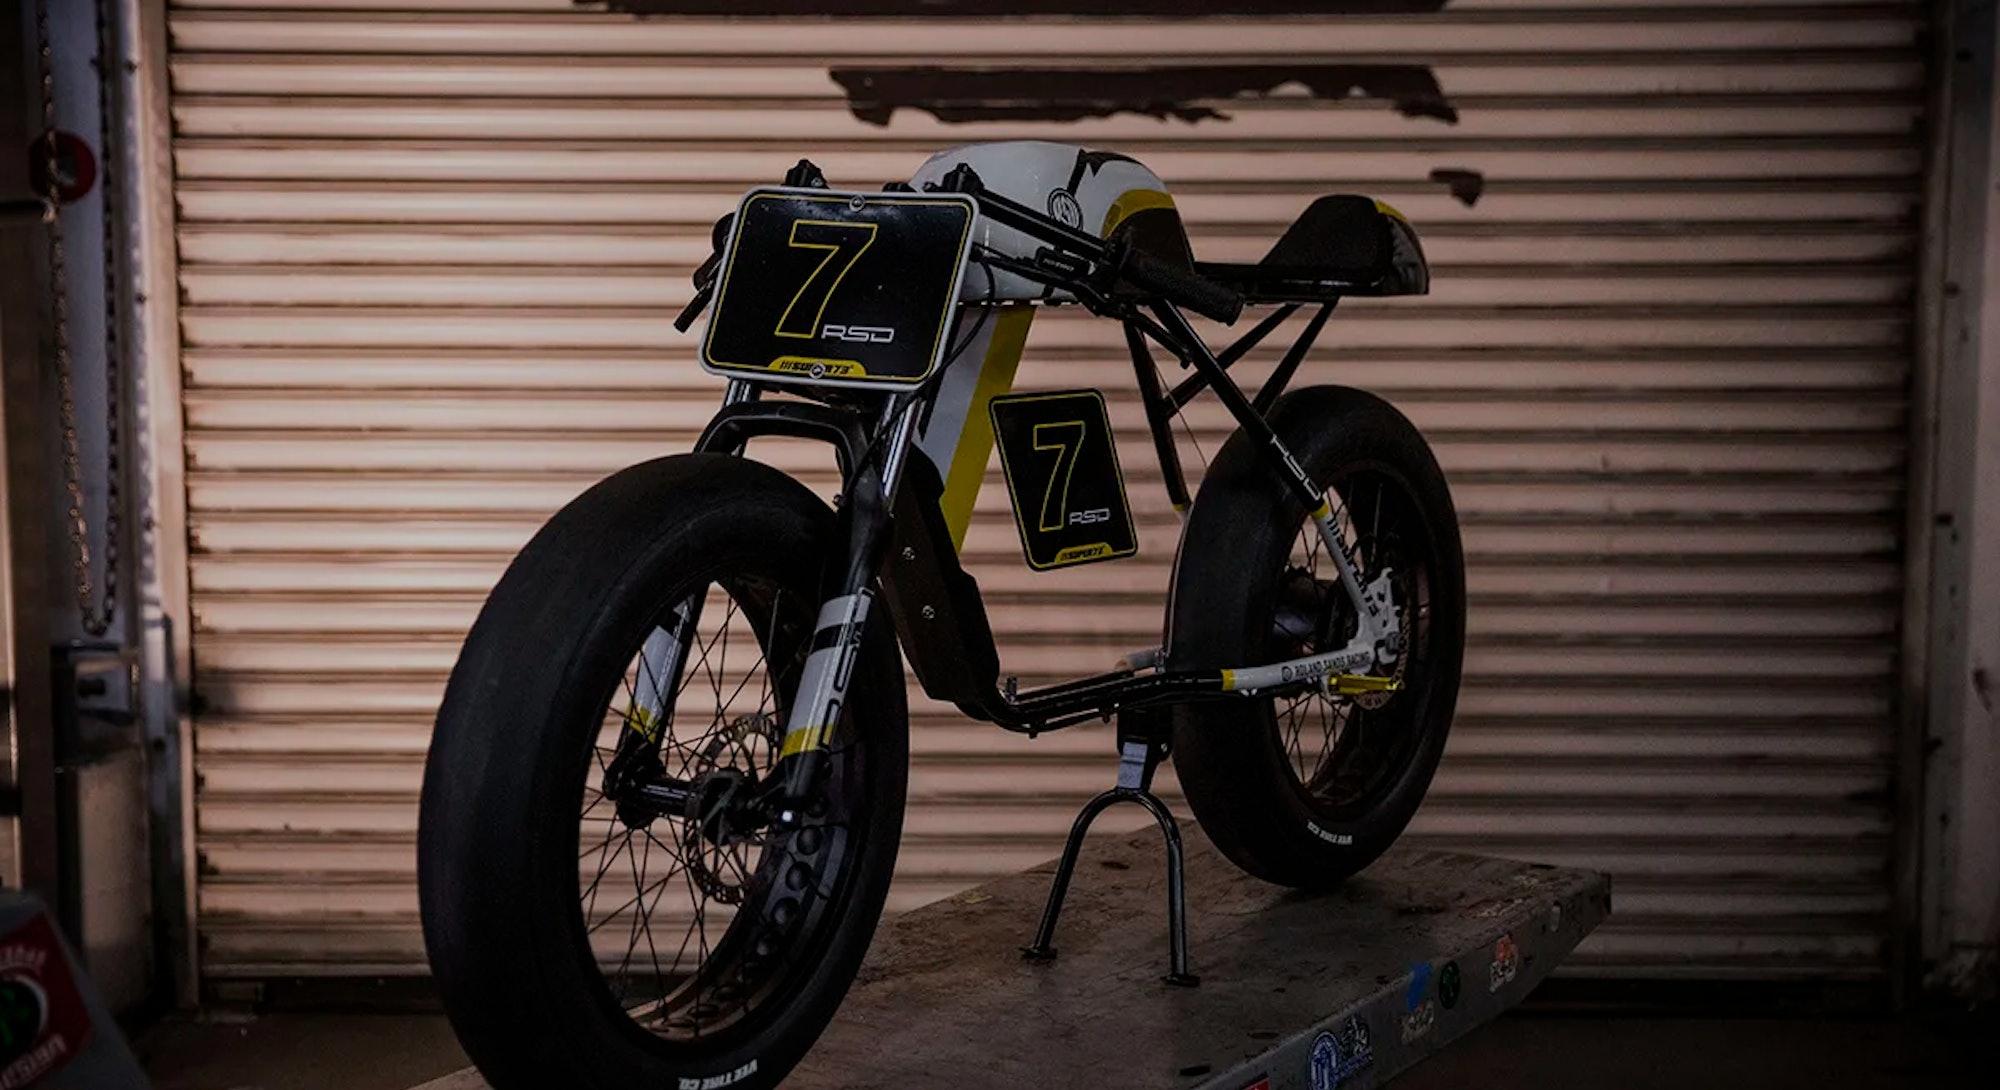 The RSD Super73 Racer